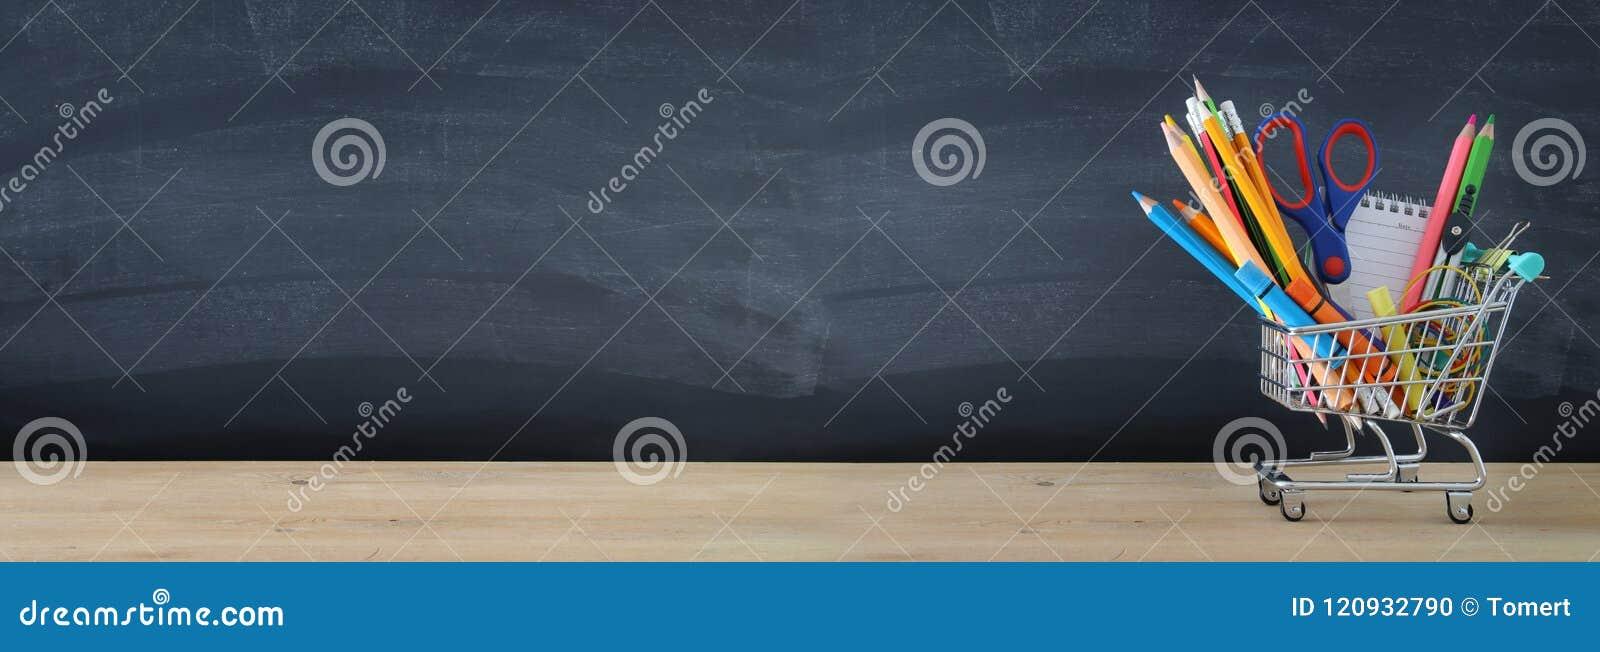 Banner van Boodschappenwagentje met schoollevering voor bord Terug naar het Concept van de School